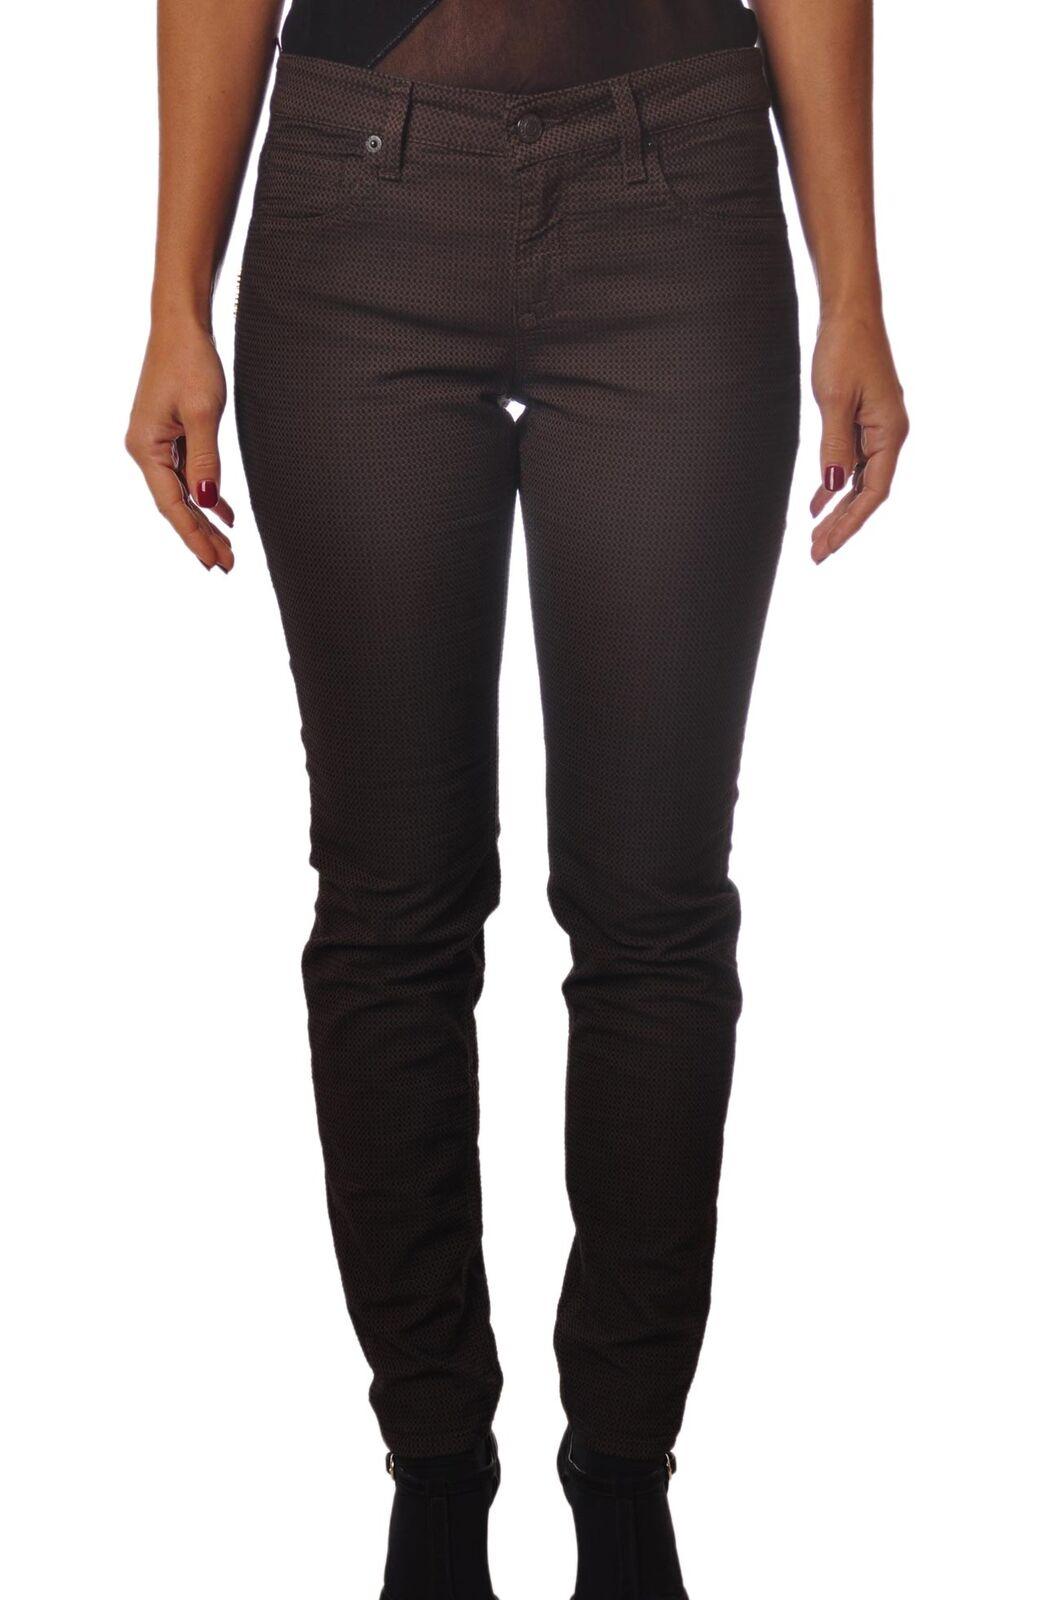 Latinò - Pants-capri Pants - Woman - Brown - 4306711D180833